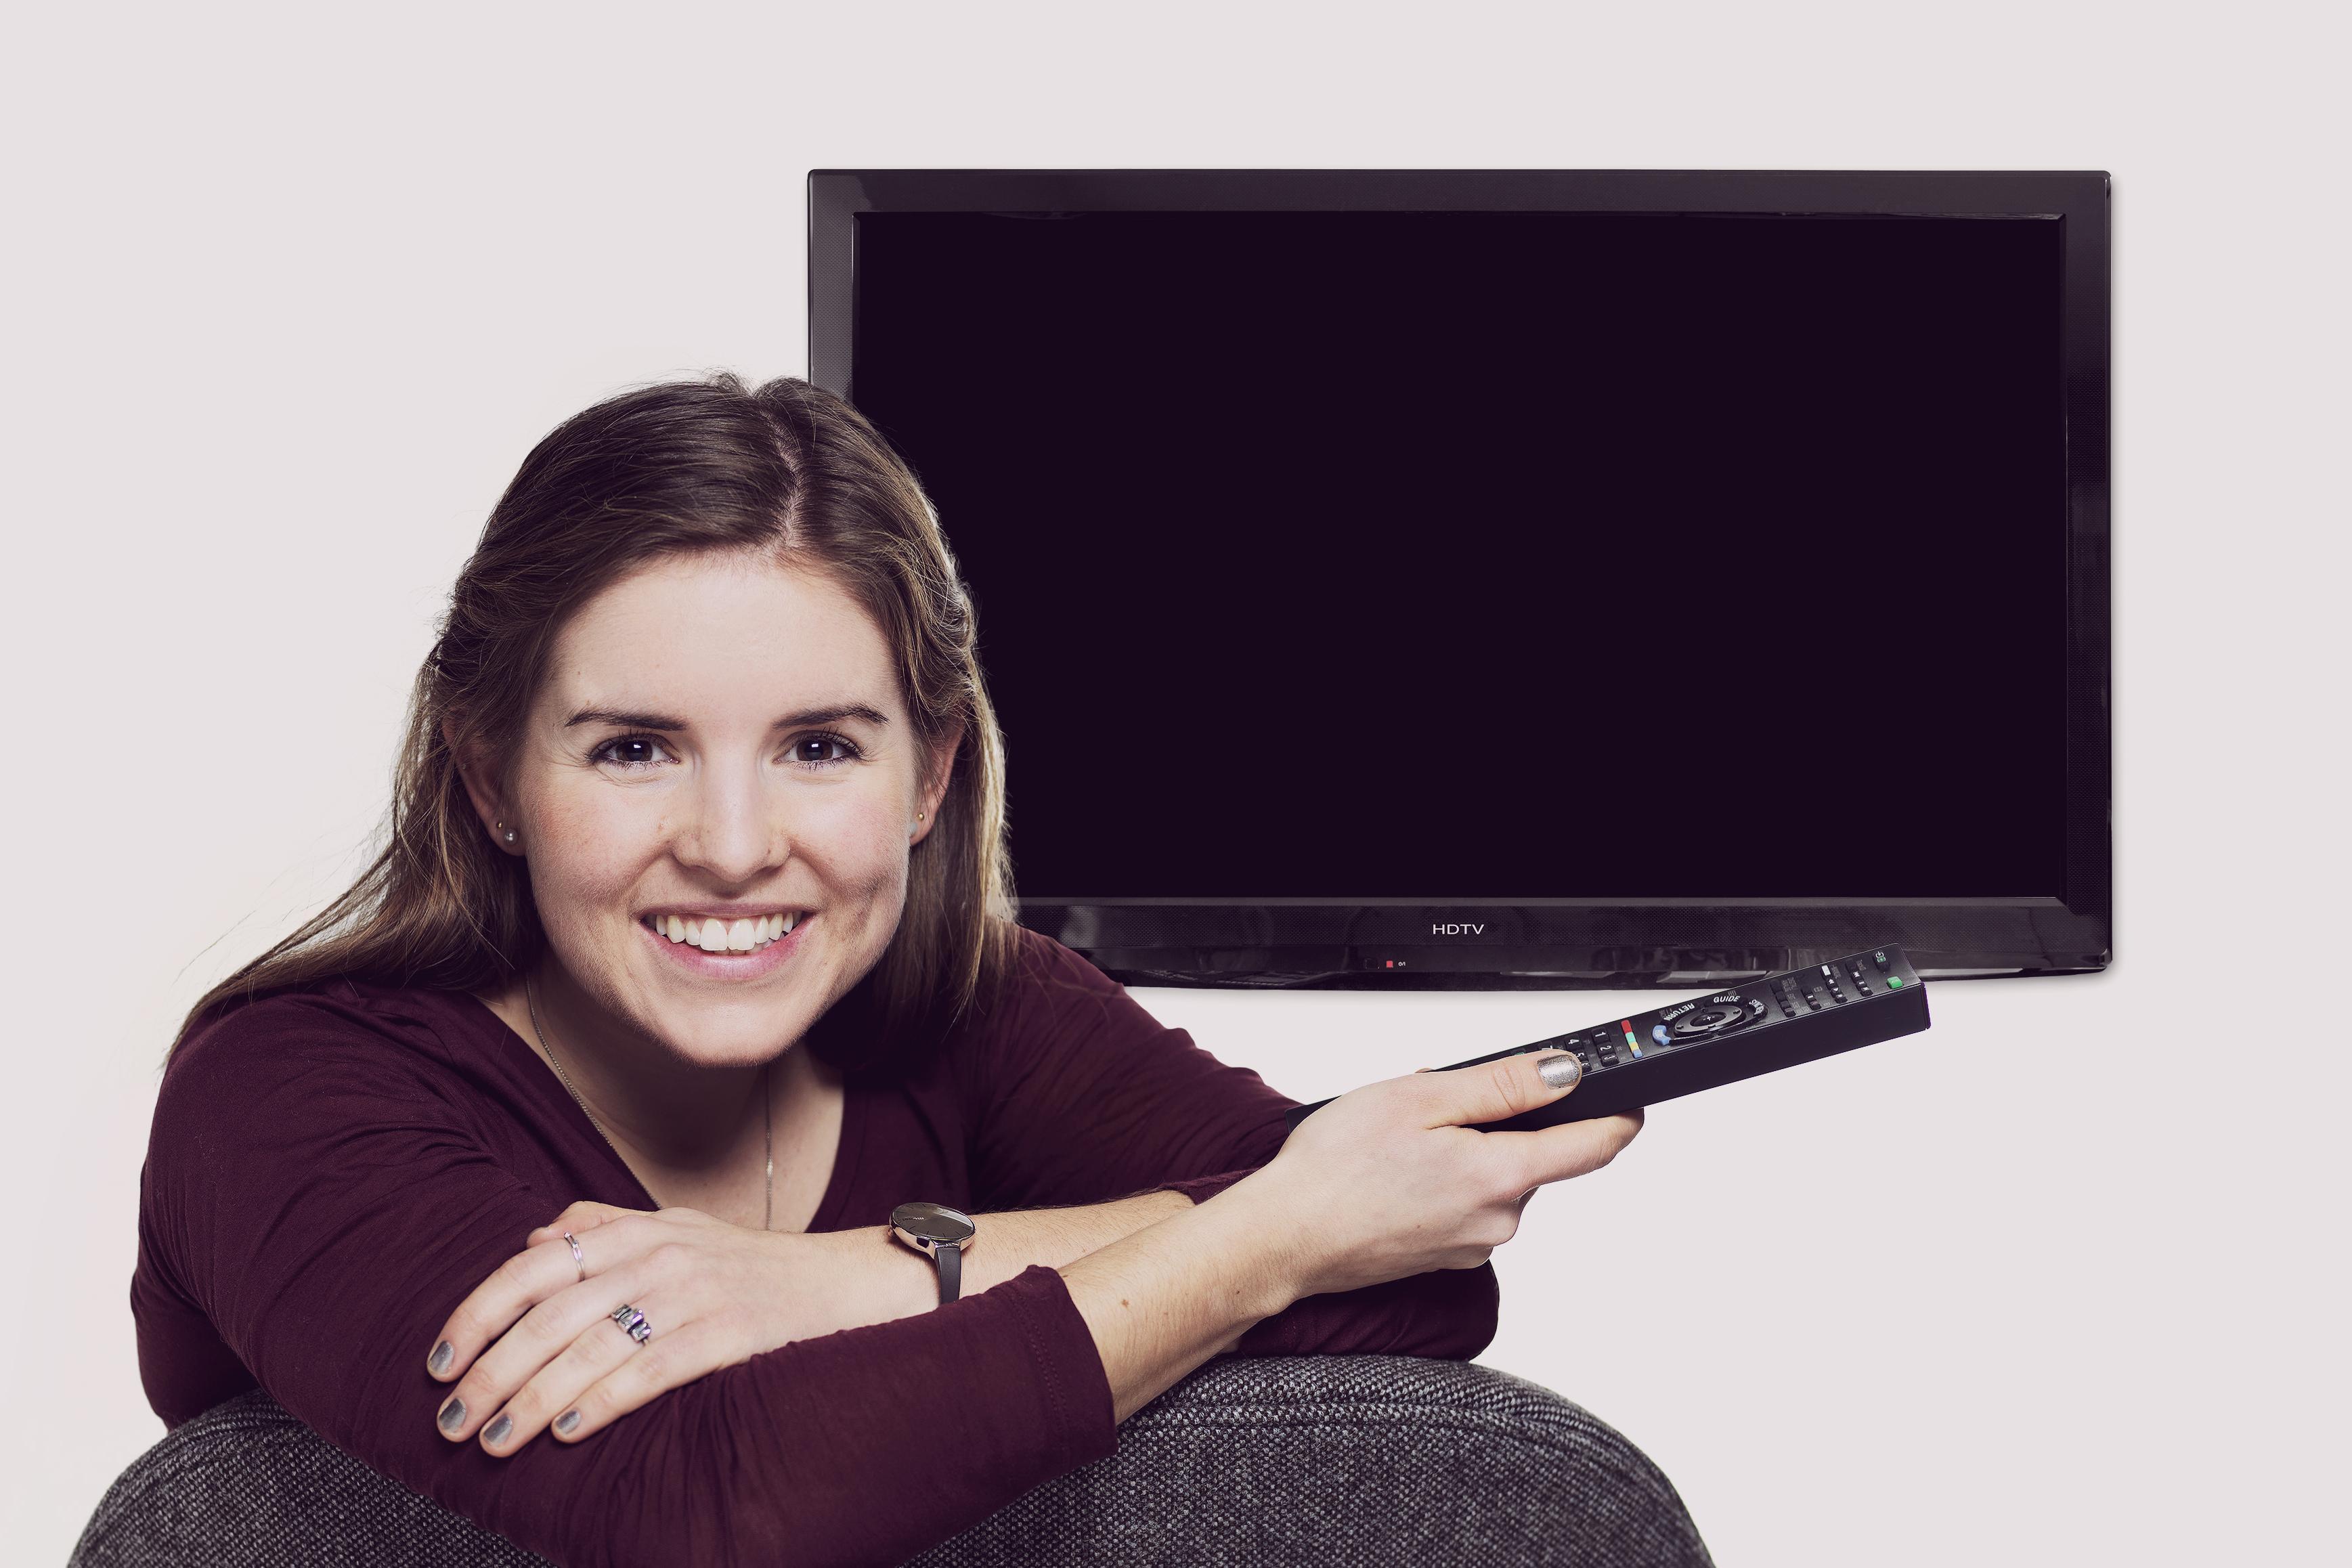 Største fald i tv-seningen nogensinde